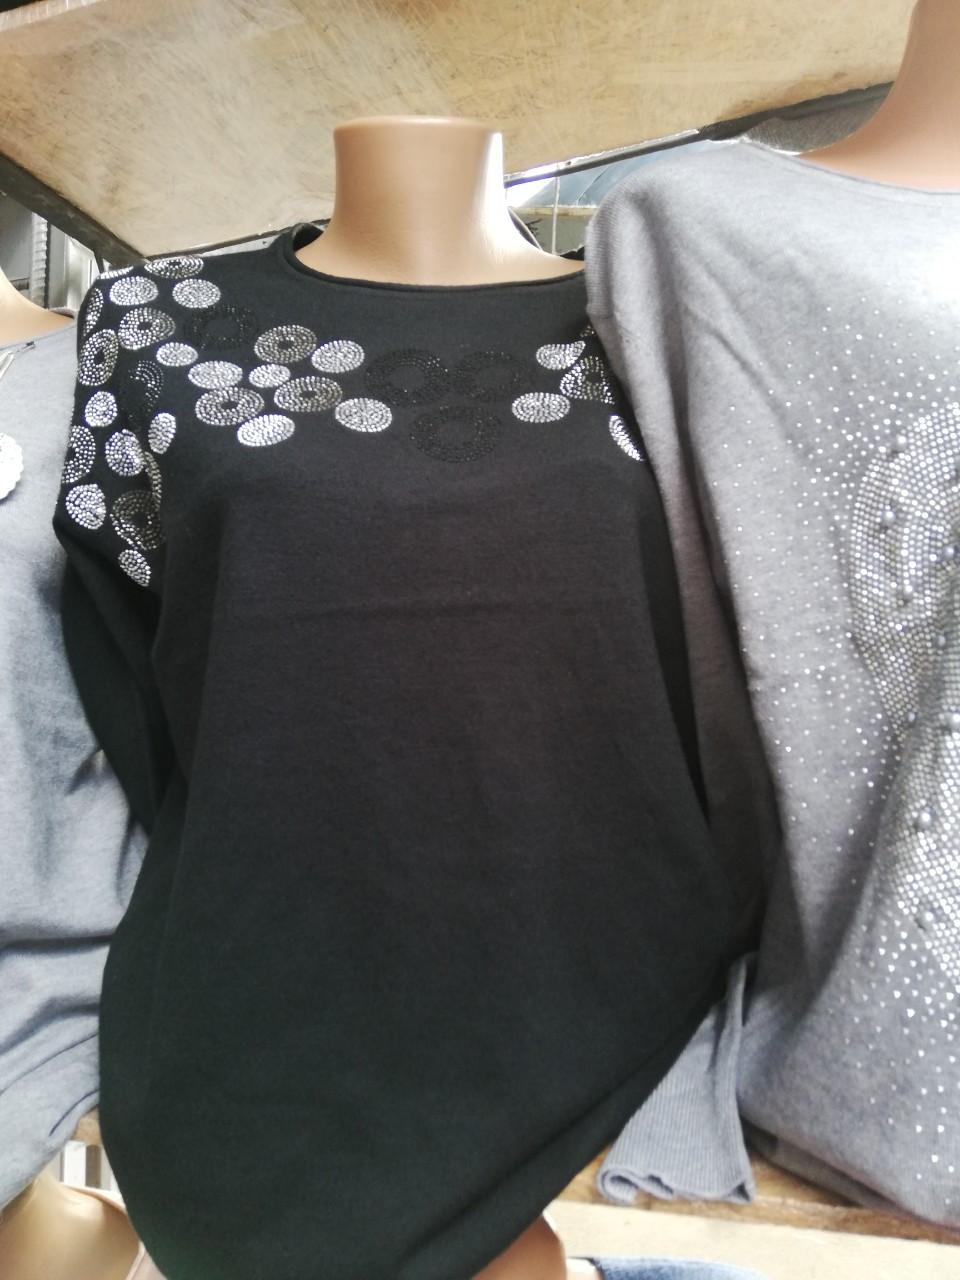 4669ed27bd9112 Женская кофта теплая стильная со стразами → купить по низкой цене в ...